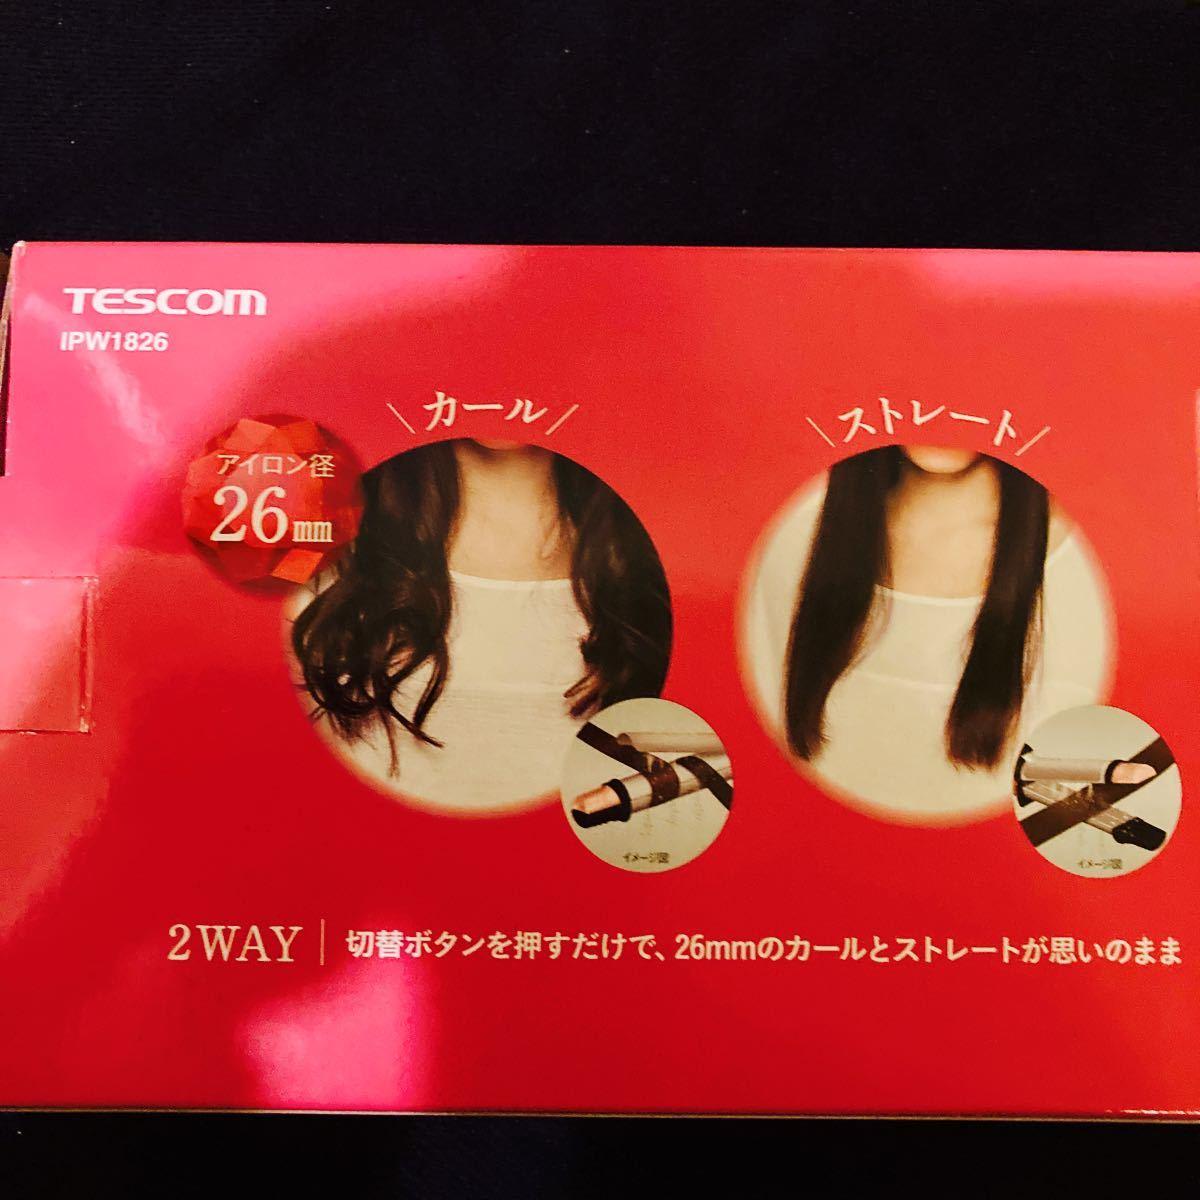 Tescom ione☆カール&ストレート 2WAY☆スチームアイロン